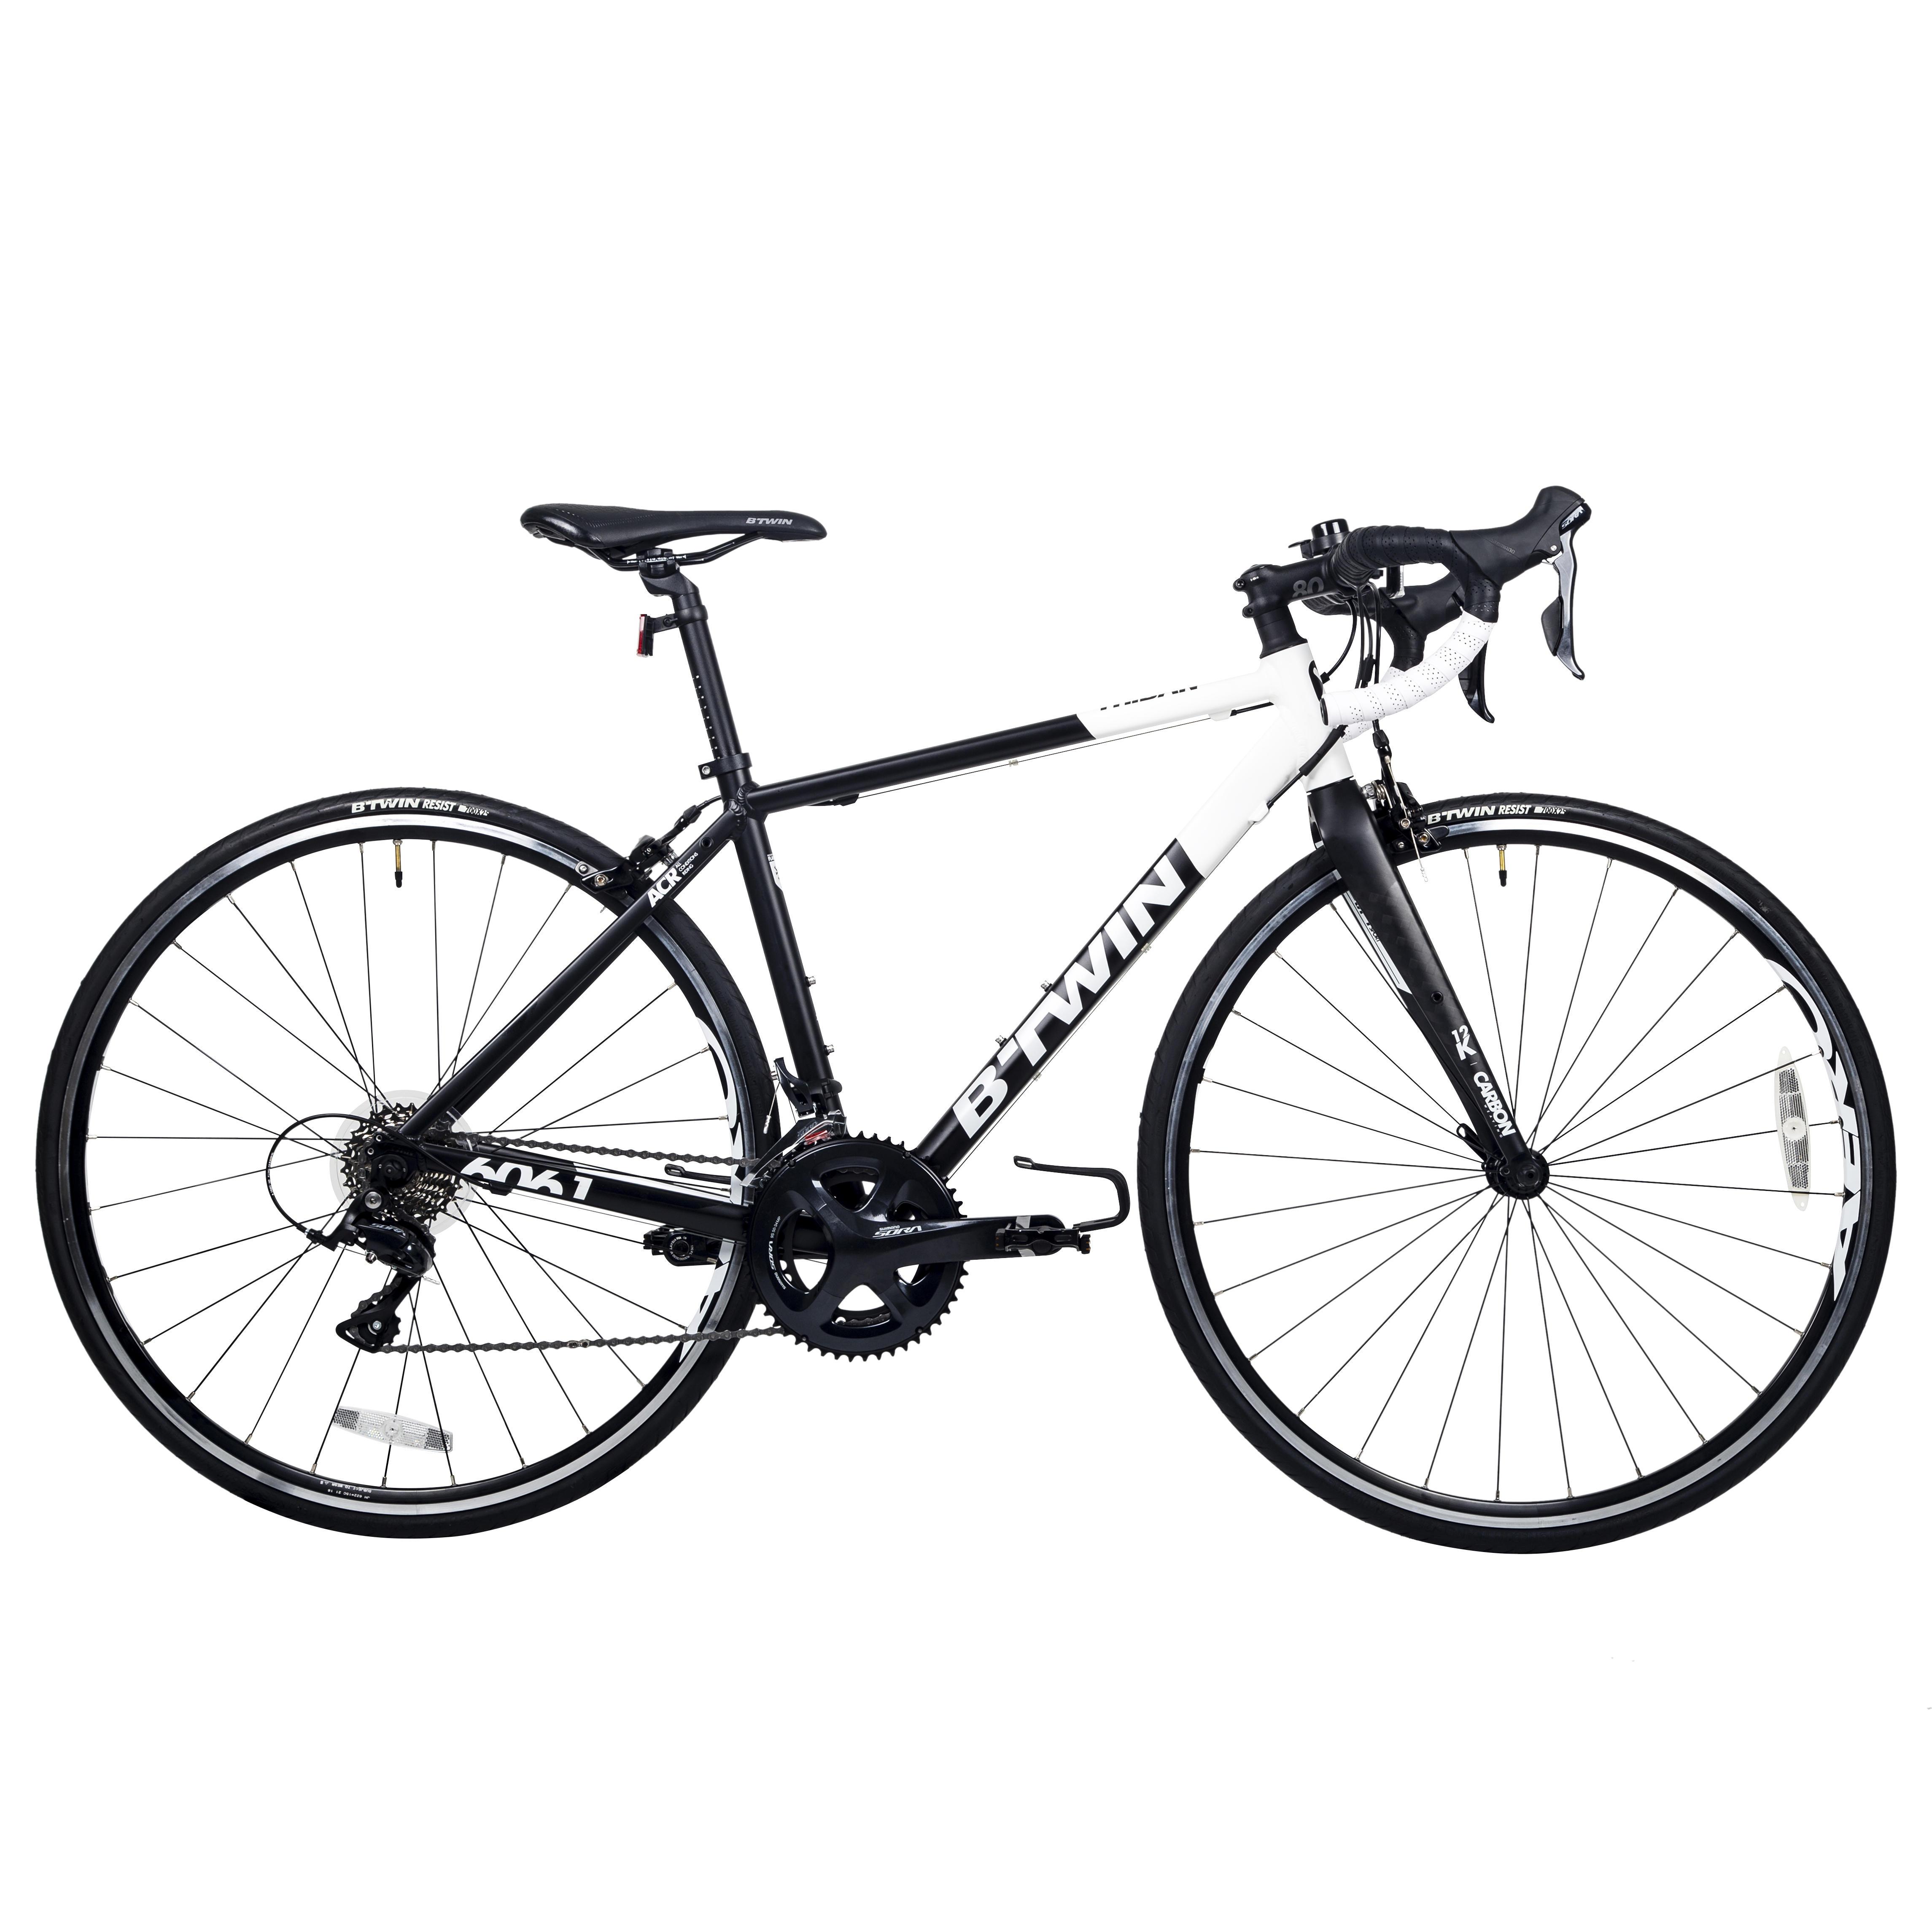 Triban 520 Road Bike